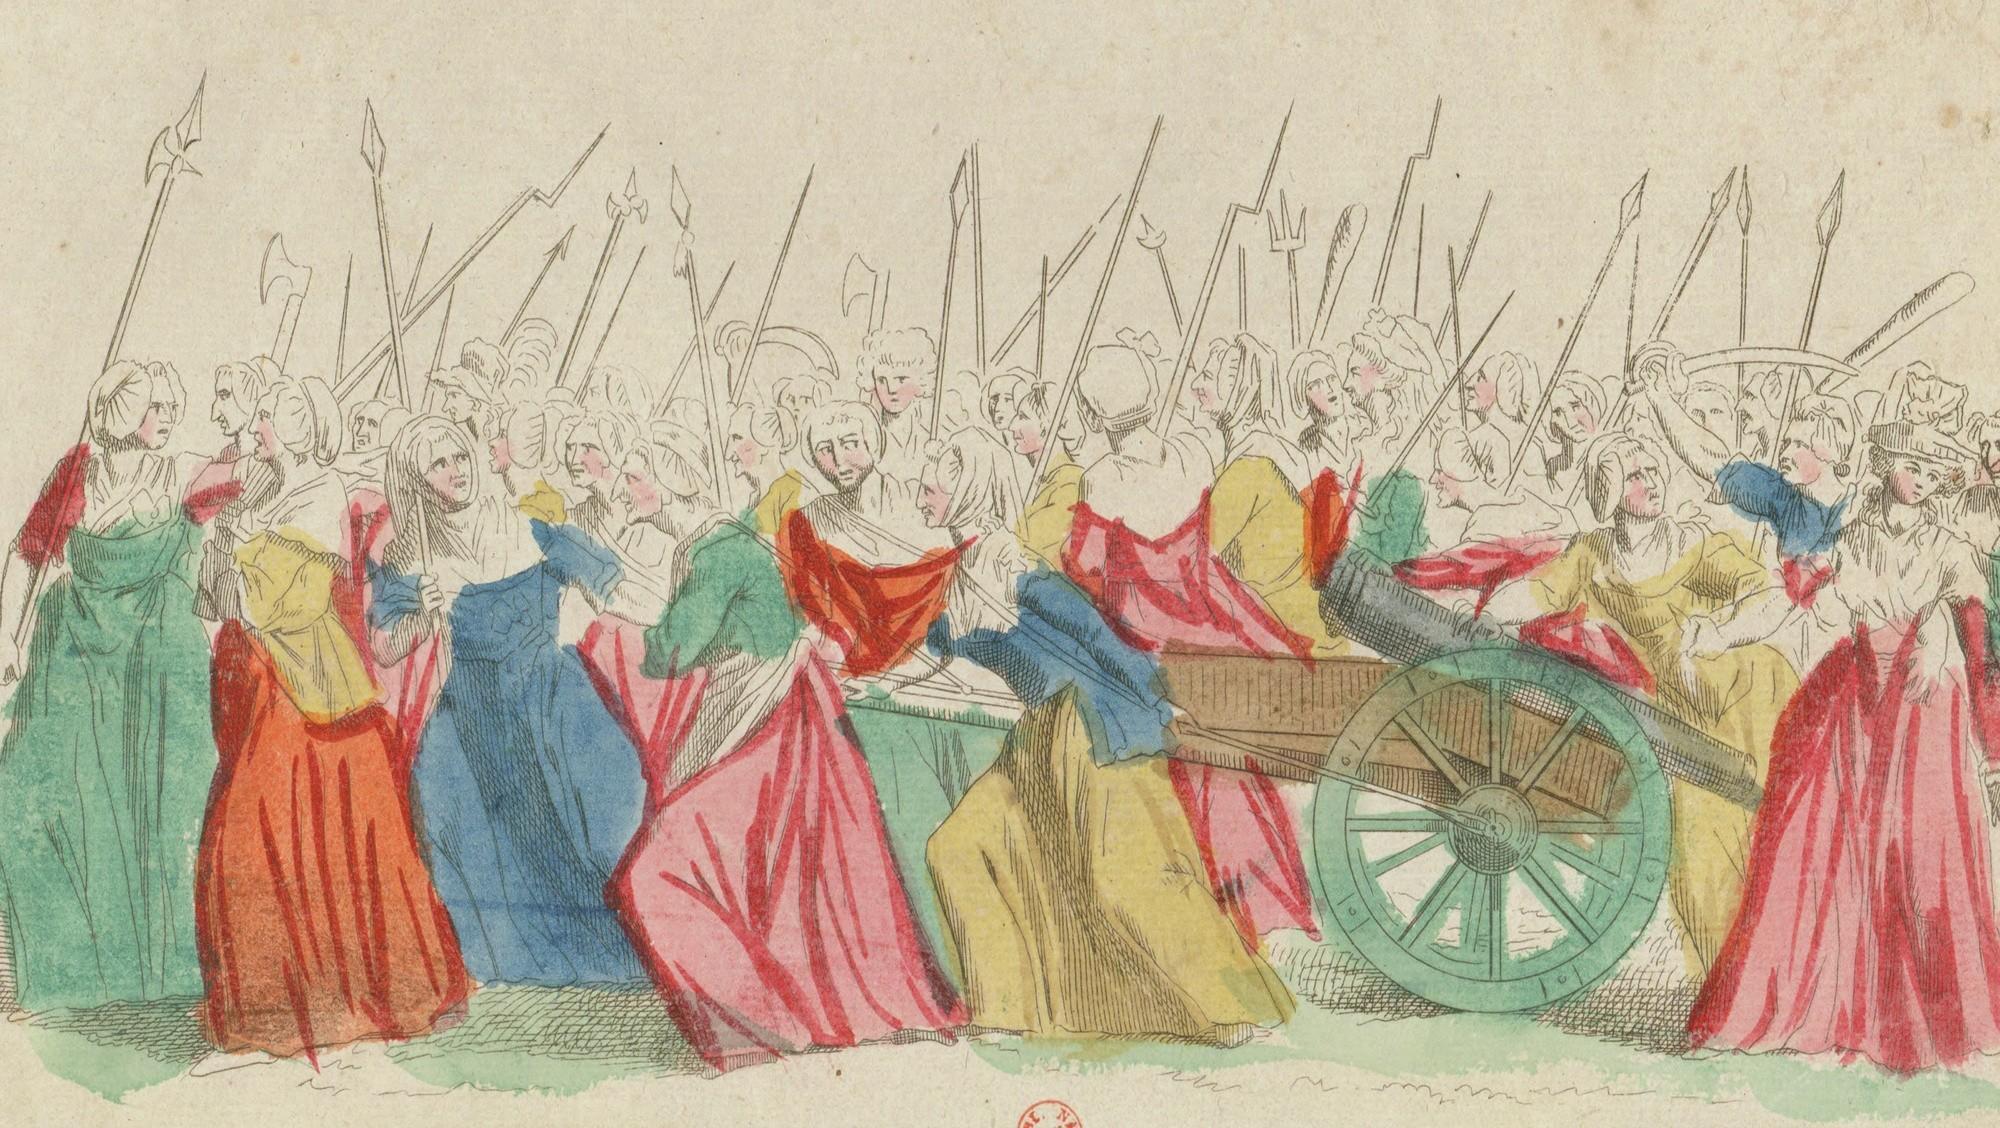 Les femmes durant les journées d'octobre